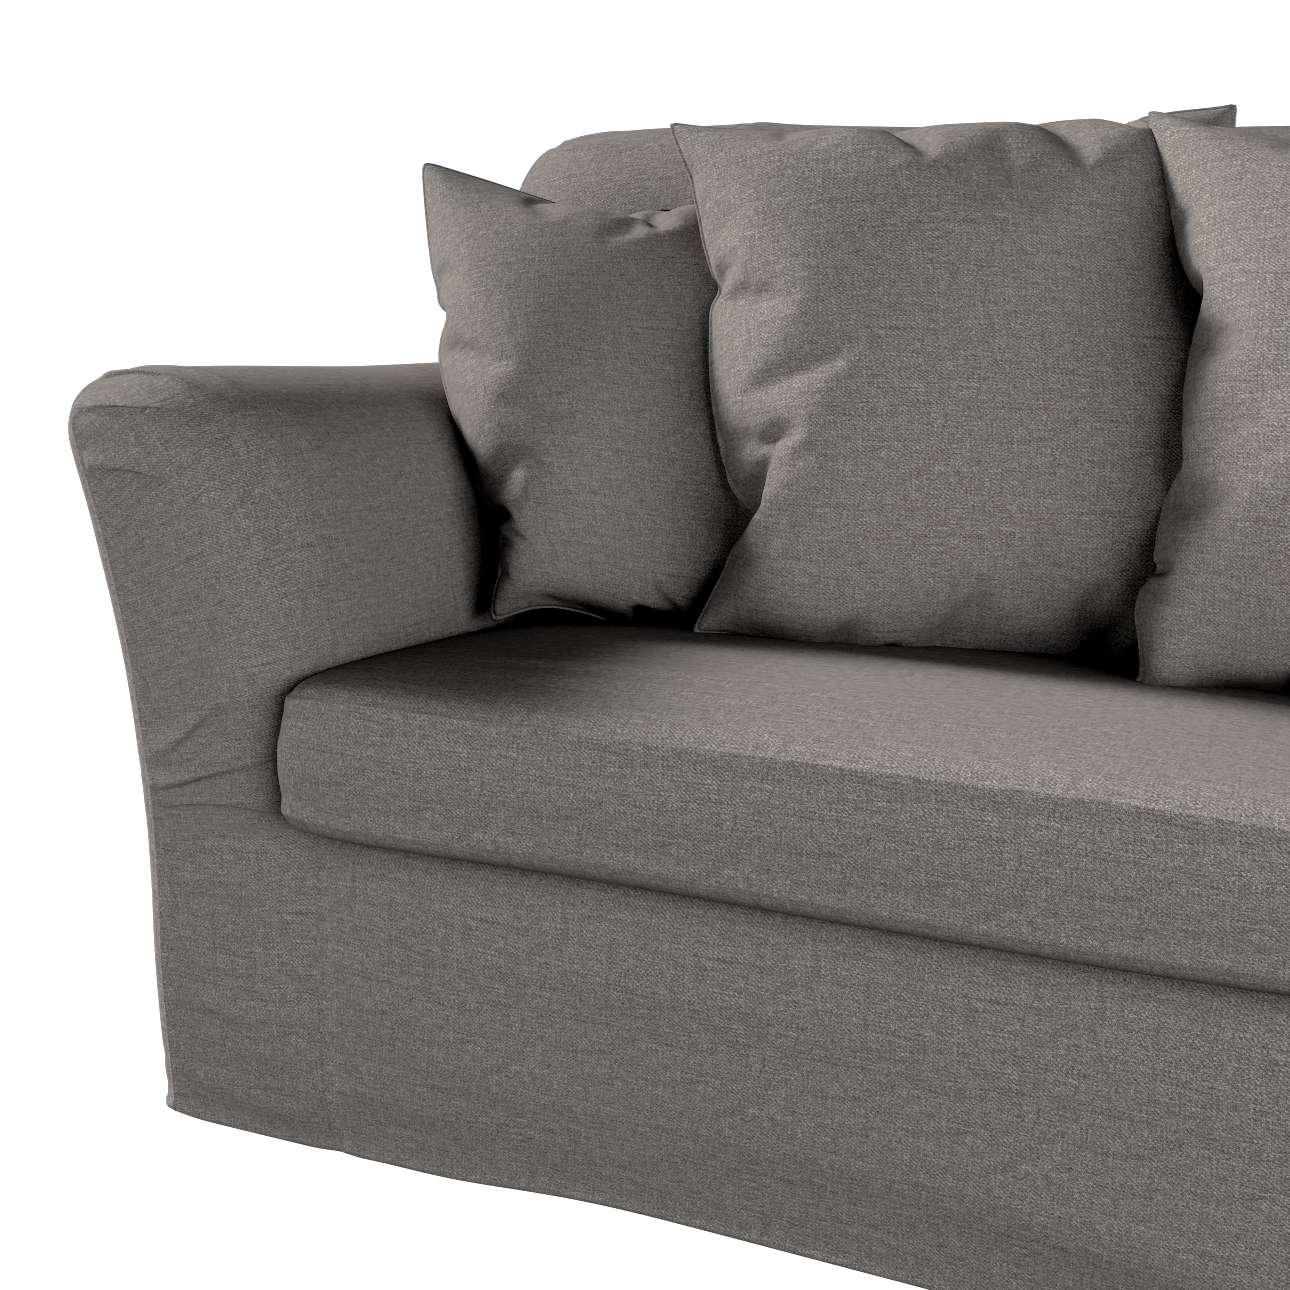 Pokrowiec na sofę Tomelilla 3-osobową rozkładaną w kolekcji Edinburgh, tkanina: 115-77